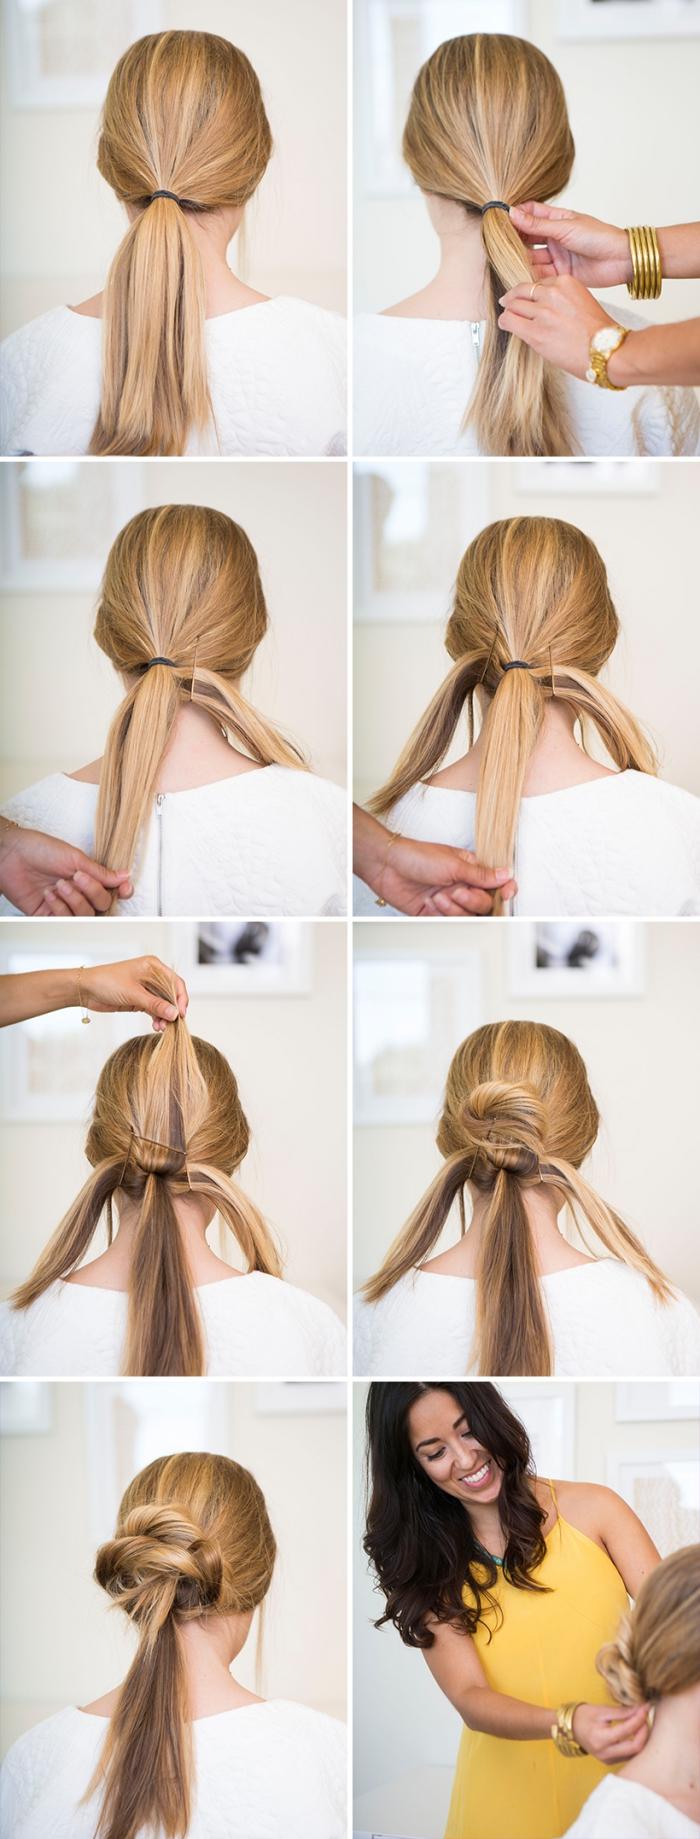 Acconciature capelli sciolti, donna con capelli biondi, tutorial pettinatura